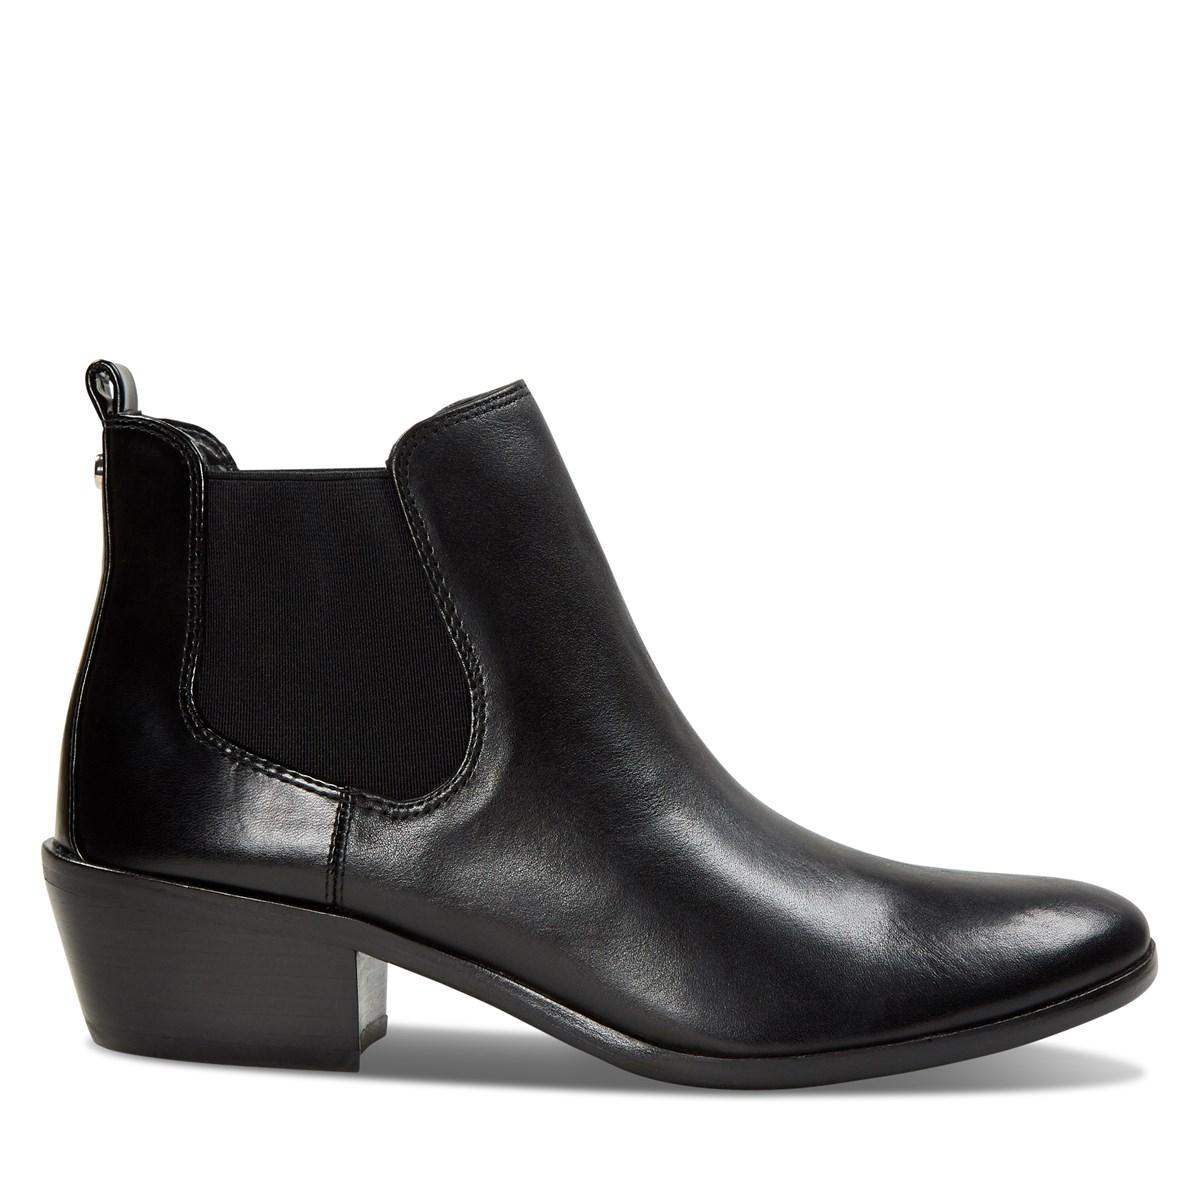 Women's Pauline Ankle Boots in Black